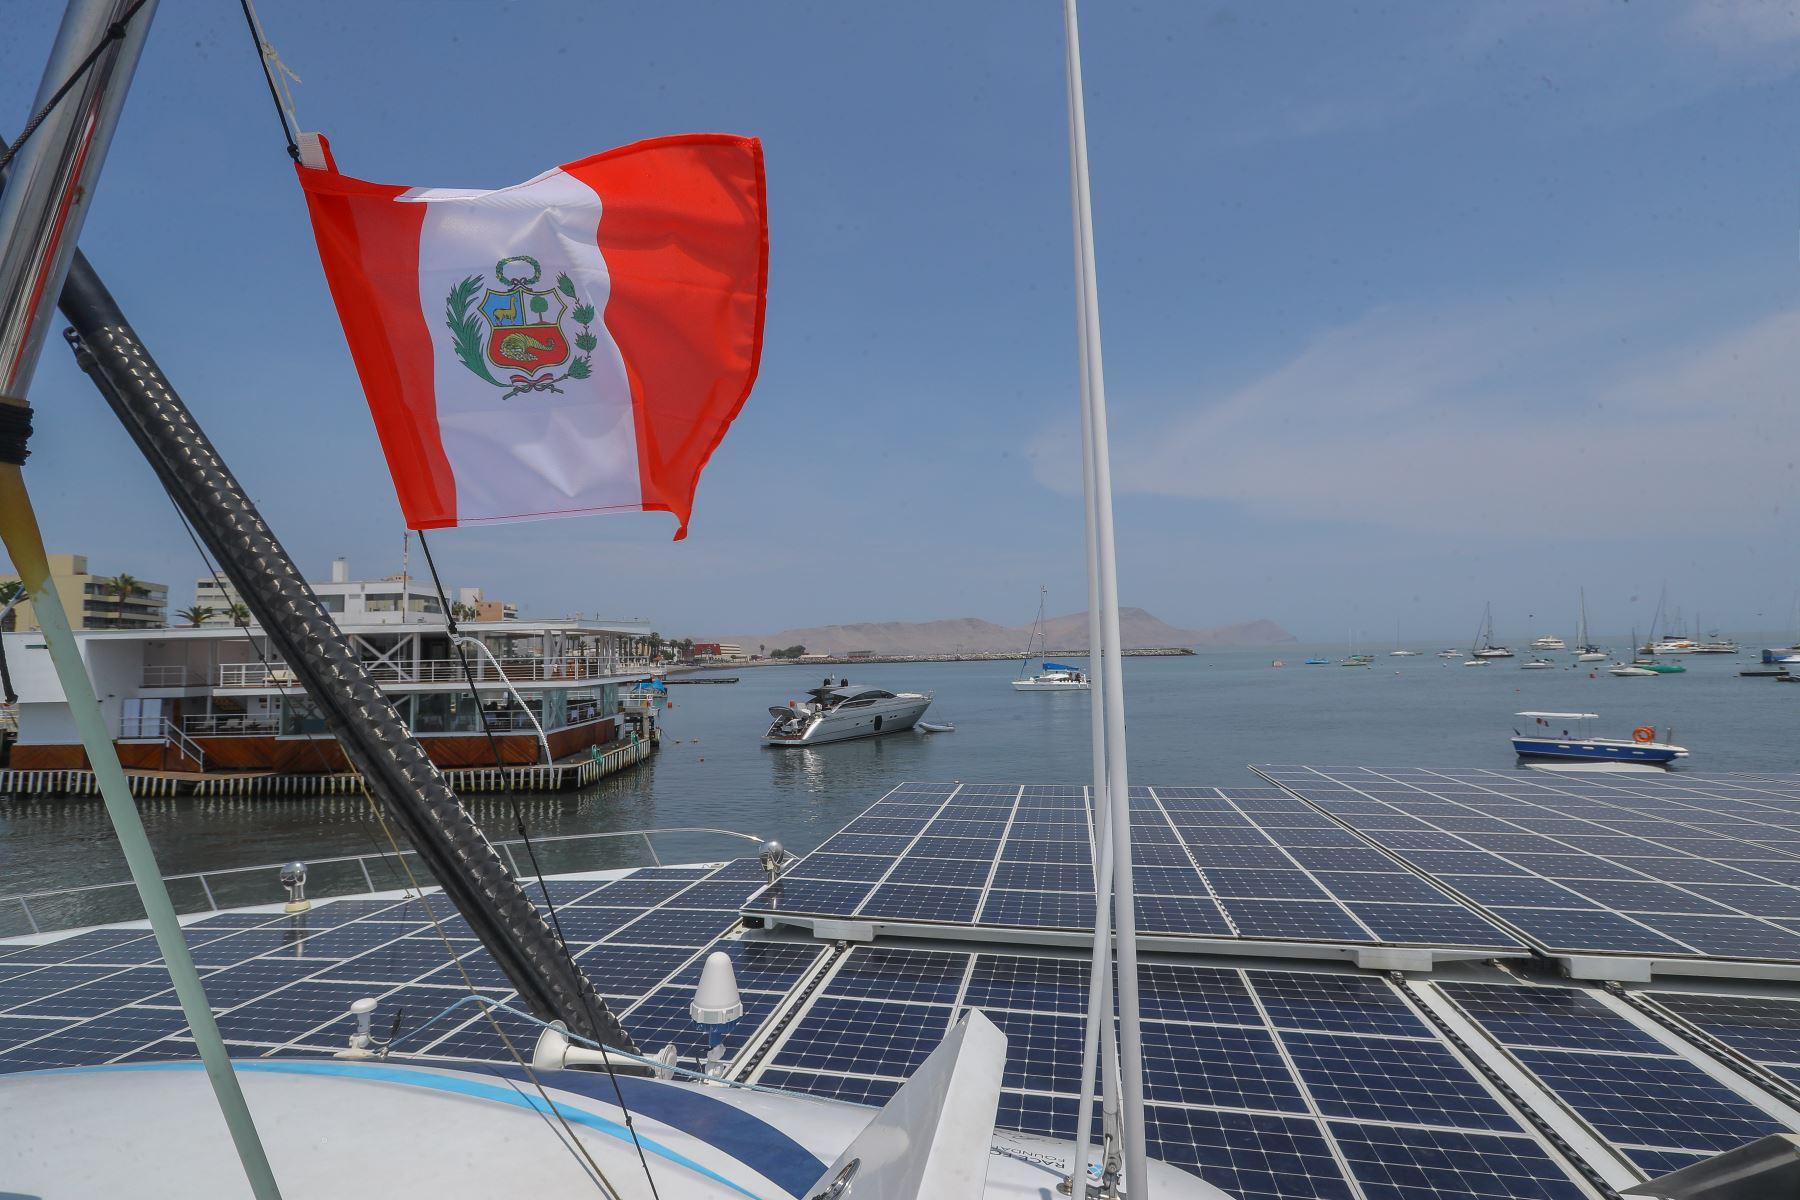 Paneles solares que permiten que la embarcación obtenga parte de la energía necesaria para su travesía. Foto: ANDINA/Andrés Valle